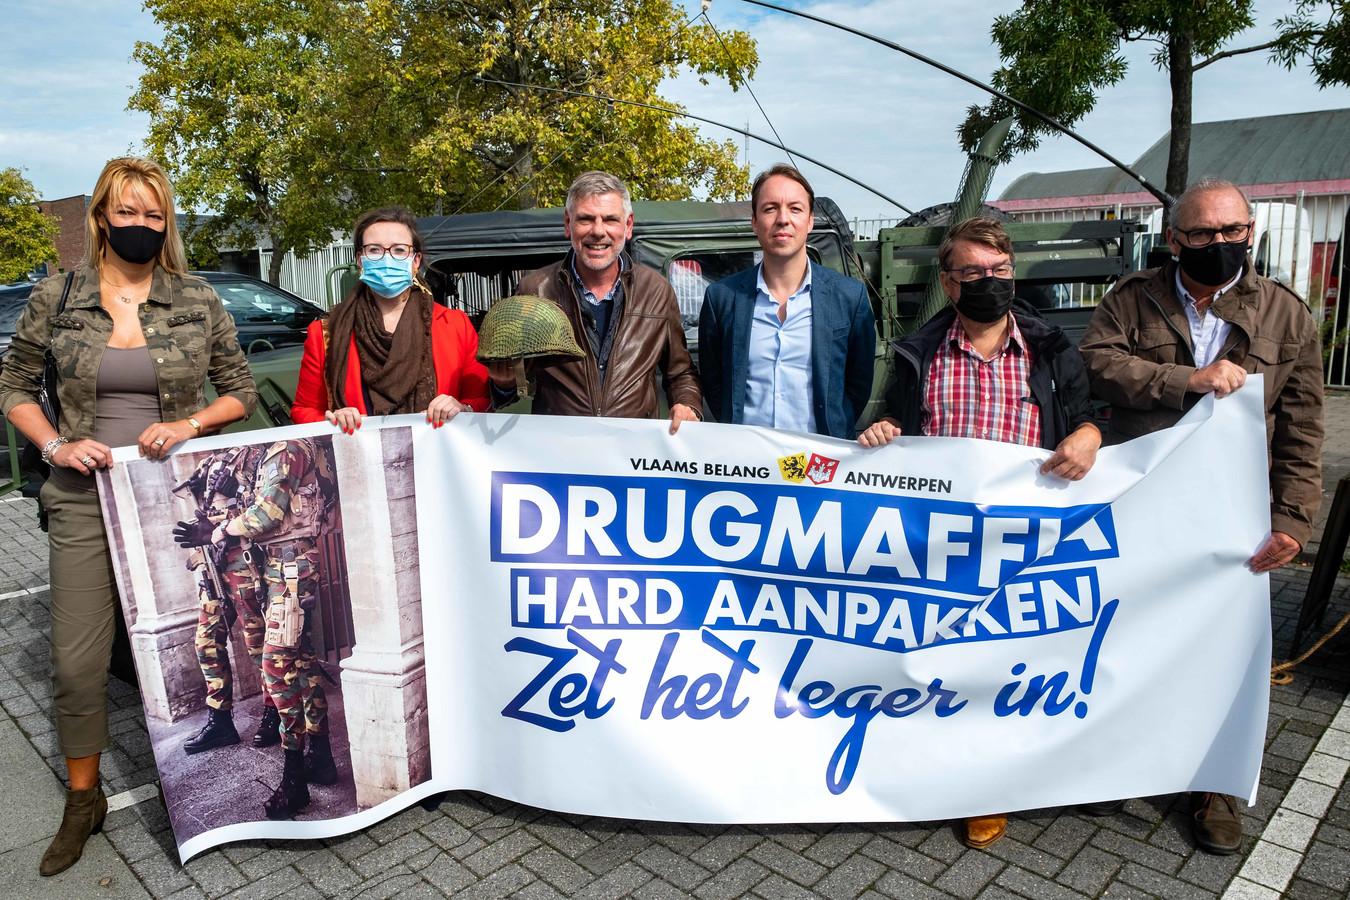 Filip Dewinter, Anke Van dermeersch en Sam van Rooy leggen de Vlaams Belang-eisen op tafel voor een keiharde aanpak van het drugsgeweld in Antwerpen. Ze willen onder meer de inzet van militairen.